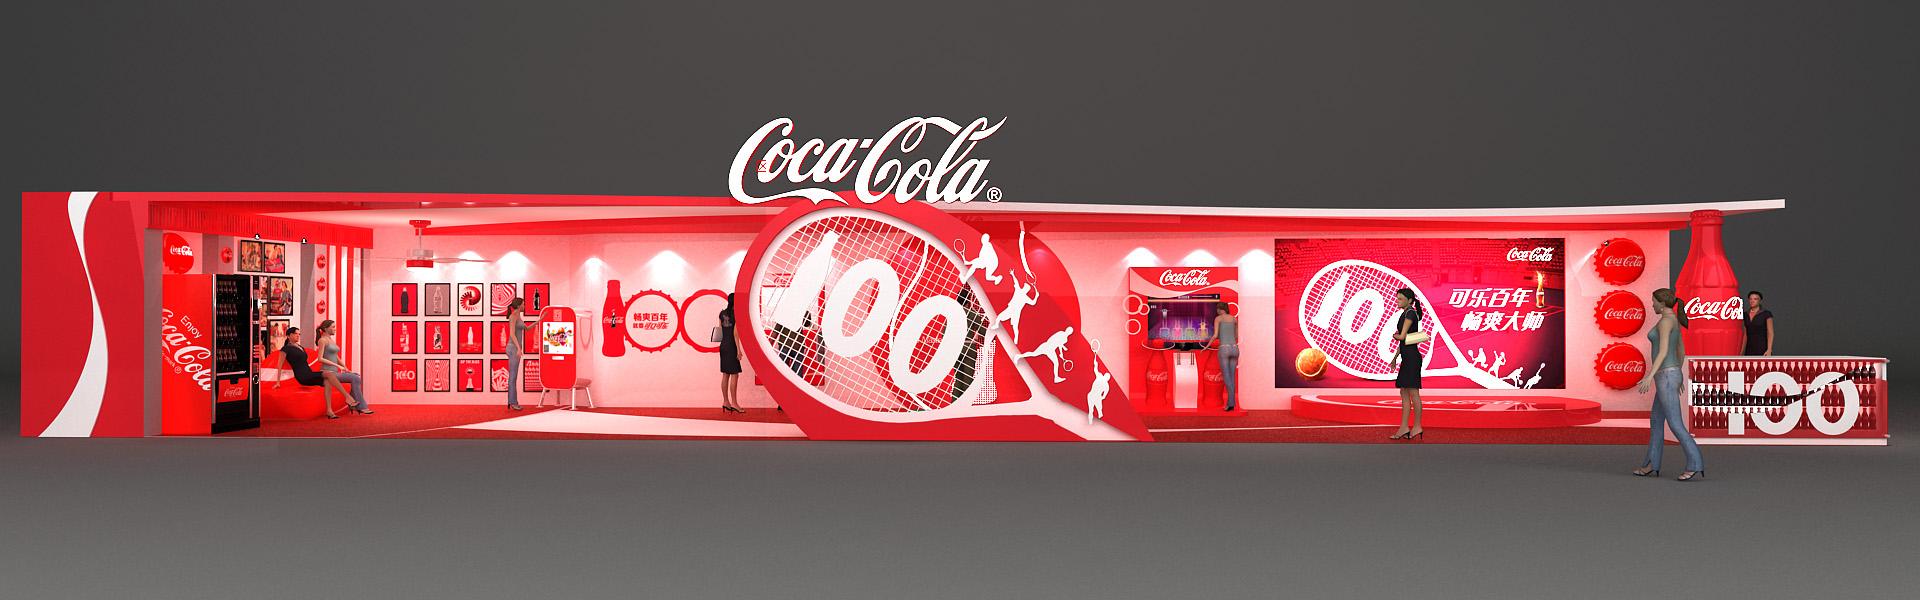 可口可乐百年展|空间|展示设计 |f110blizzard - 原创图片